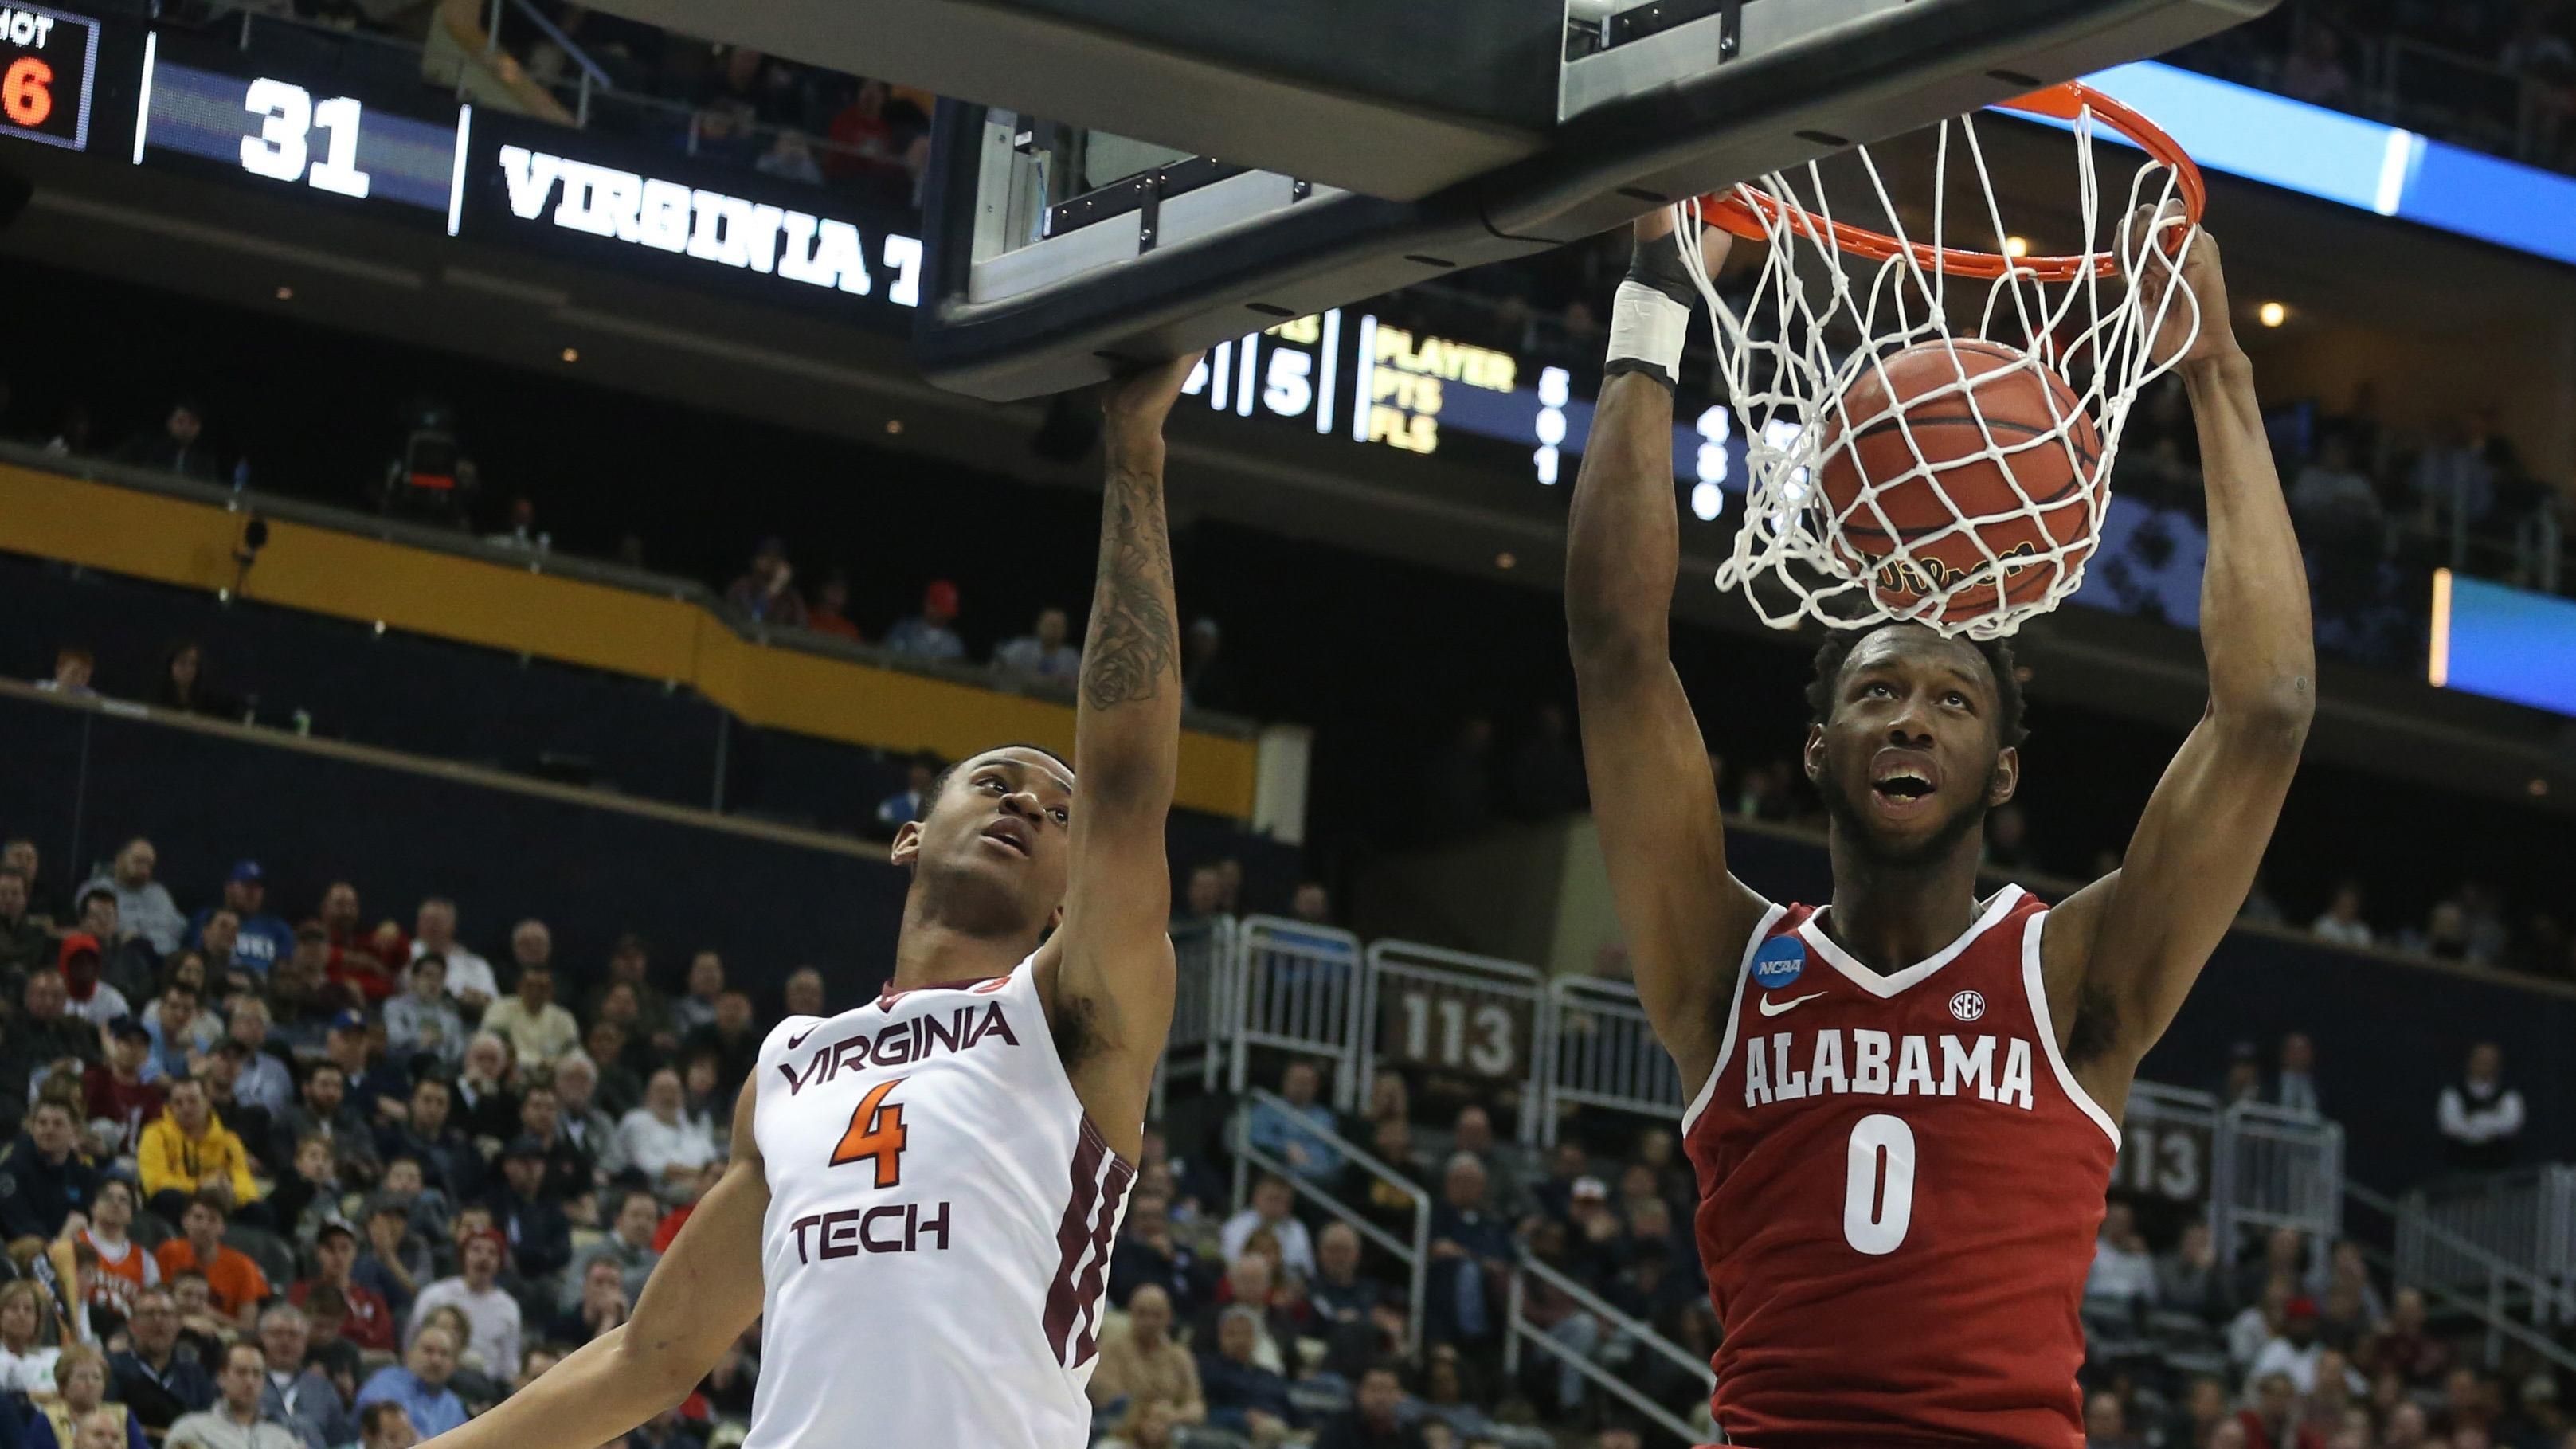 Alabama's Donta Hall dunks against Virginia Tech